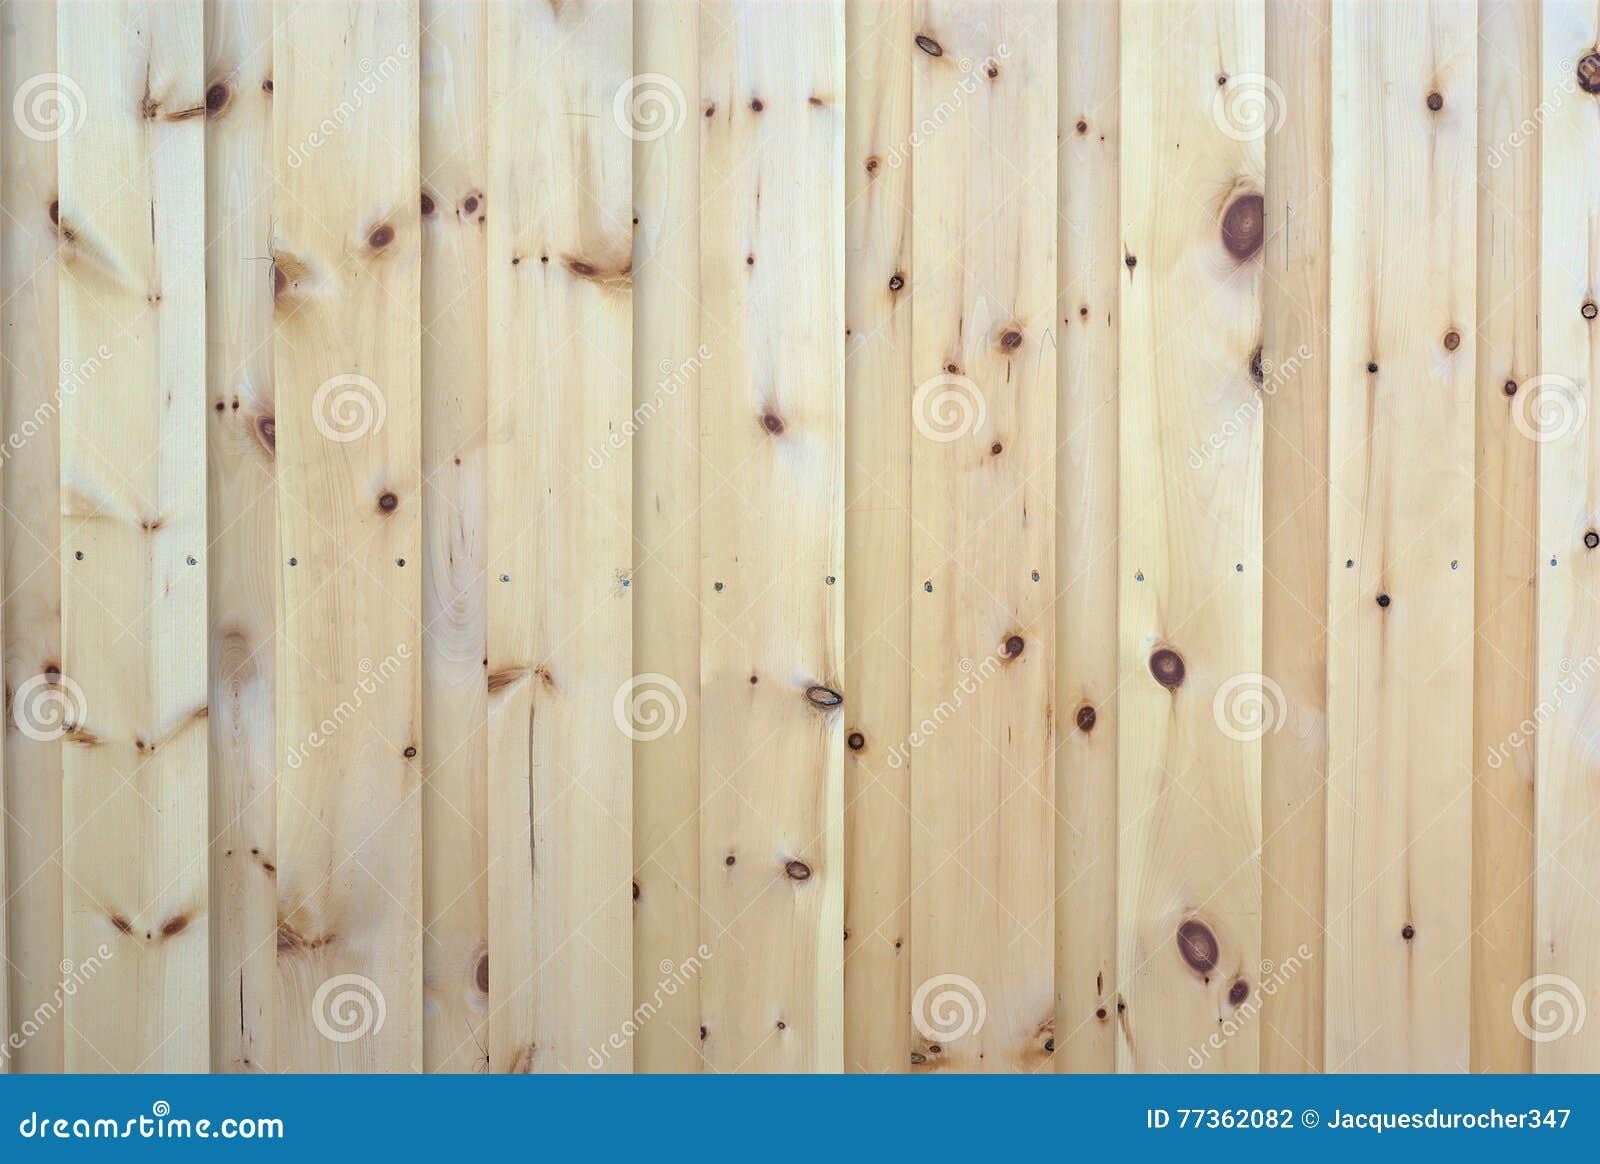 mur de texture approximative verticale naturelle de pin en bois de planches photo stock image. Black Bedroom Furniture Sets. Home Design Ideas